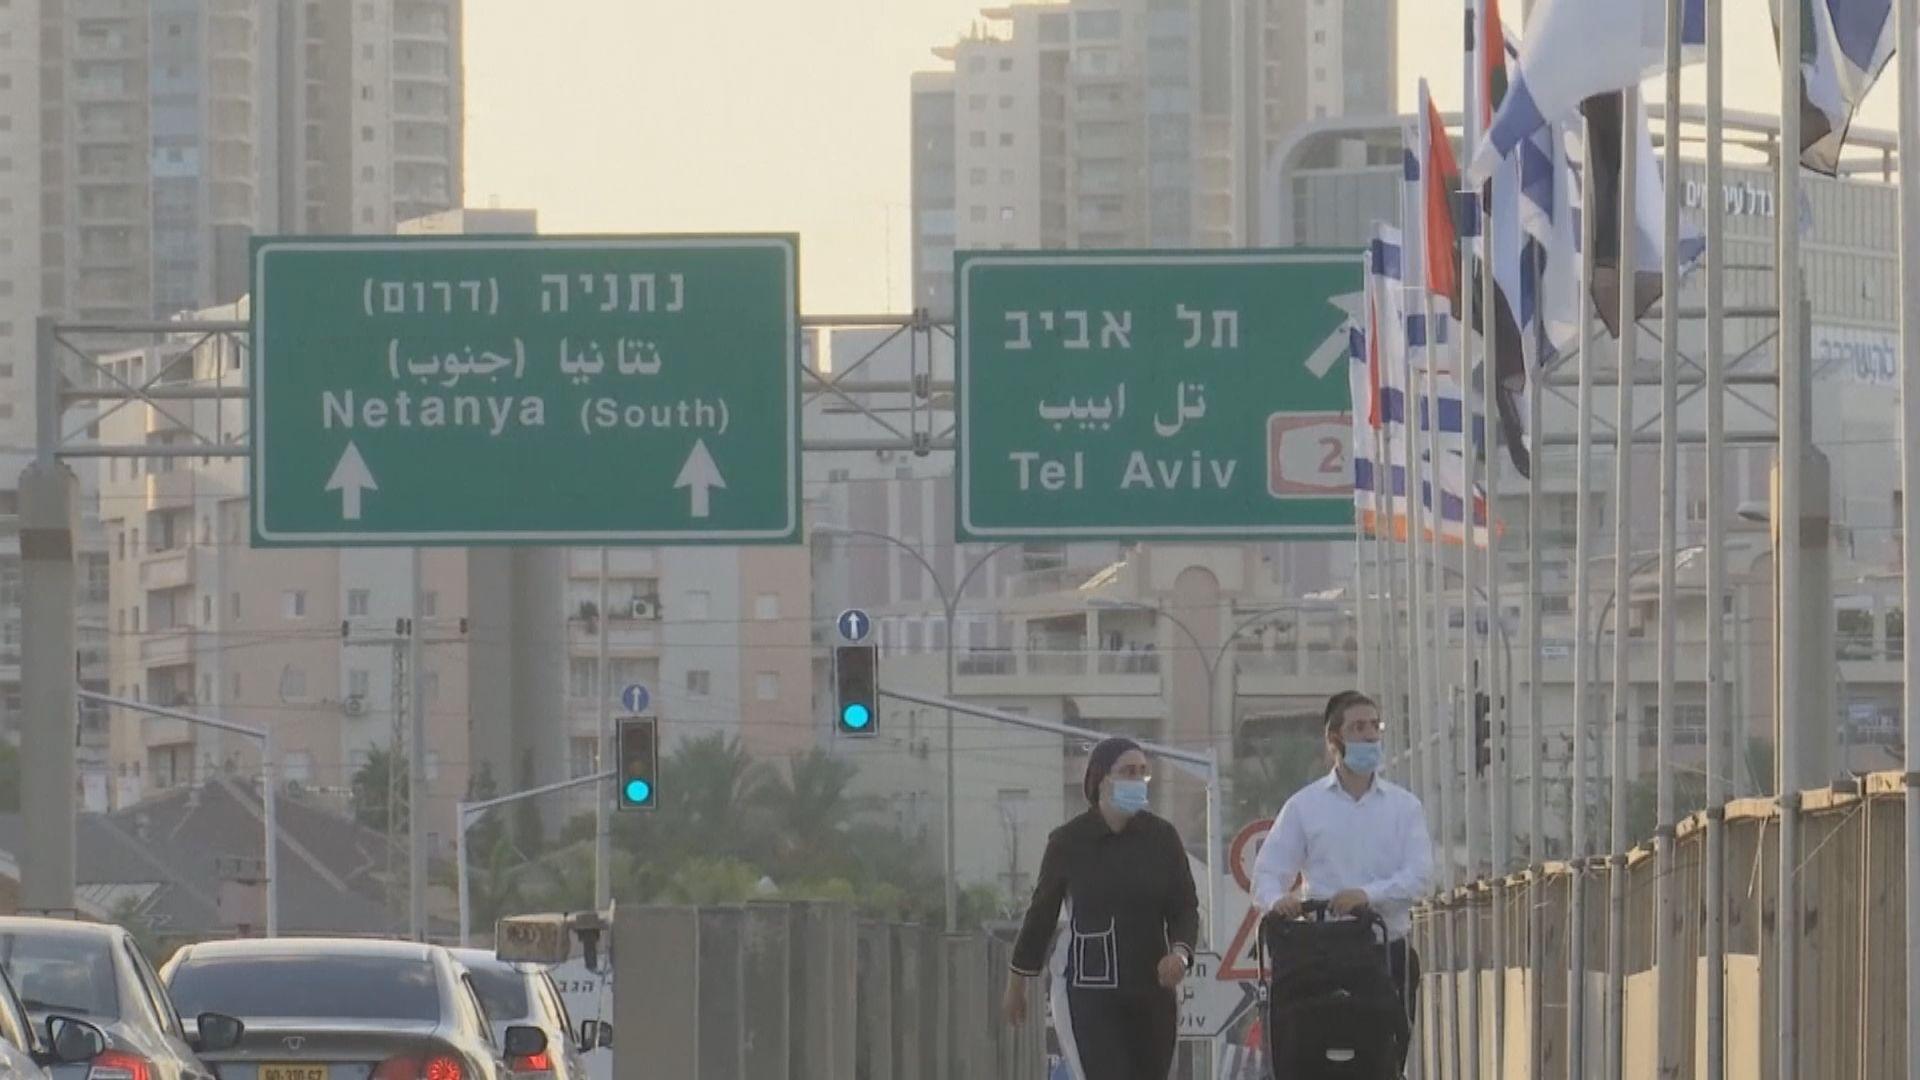 以色列與阿聯酋恢復電話通訊服務